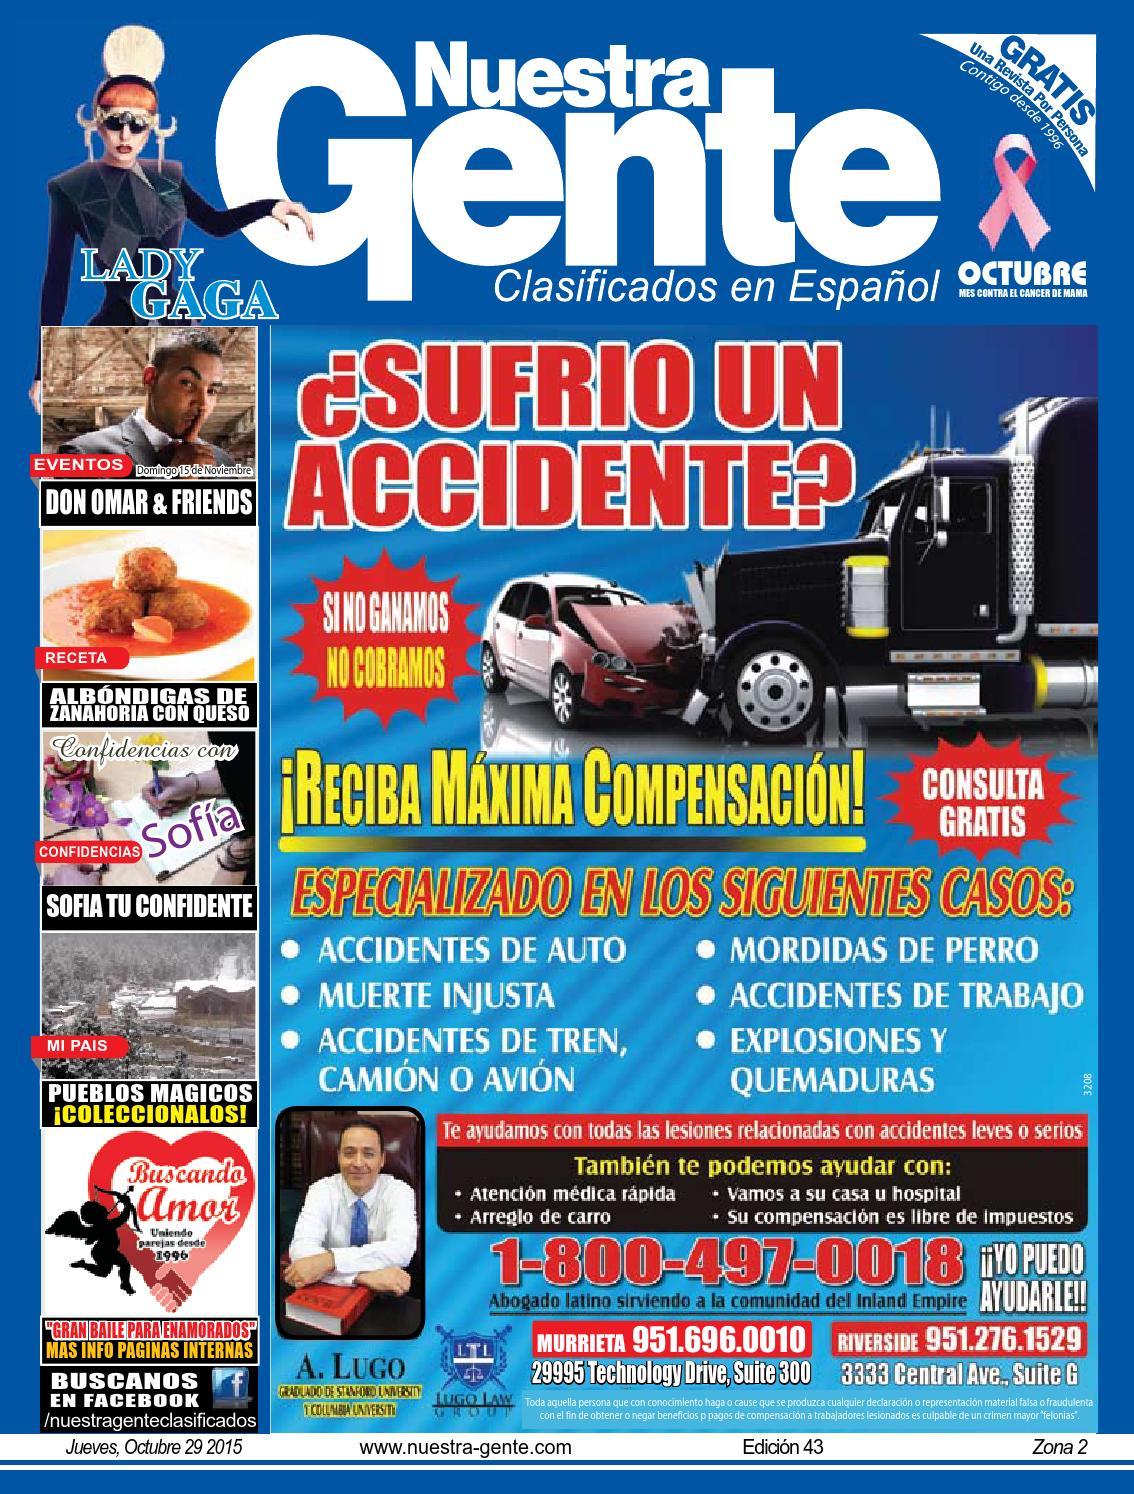 Nuestra Gente 2015 Edicion 43 Zona 2 by Nuestra Gente - issuu